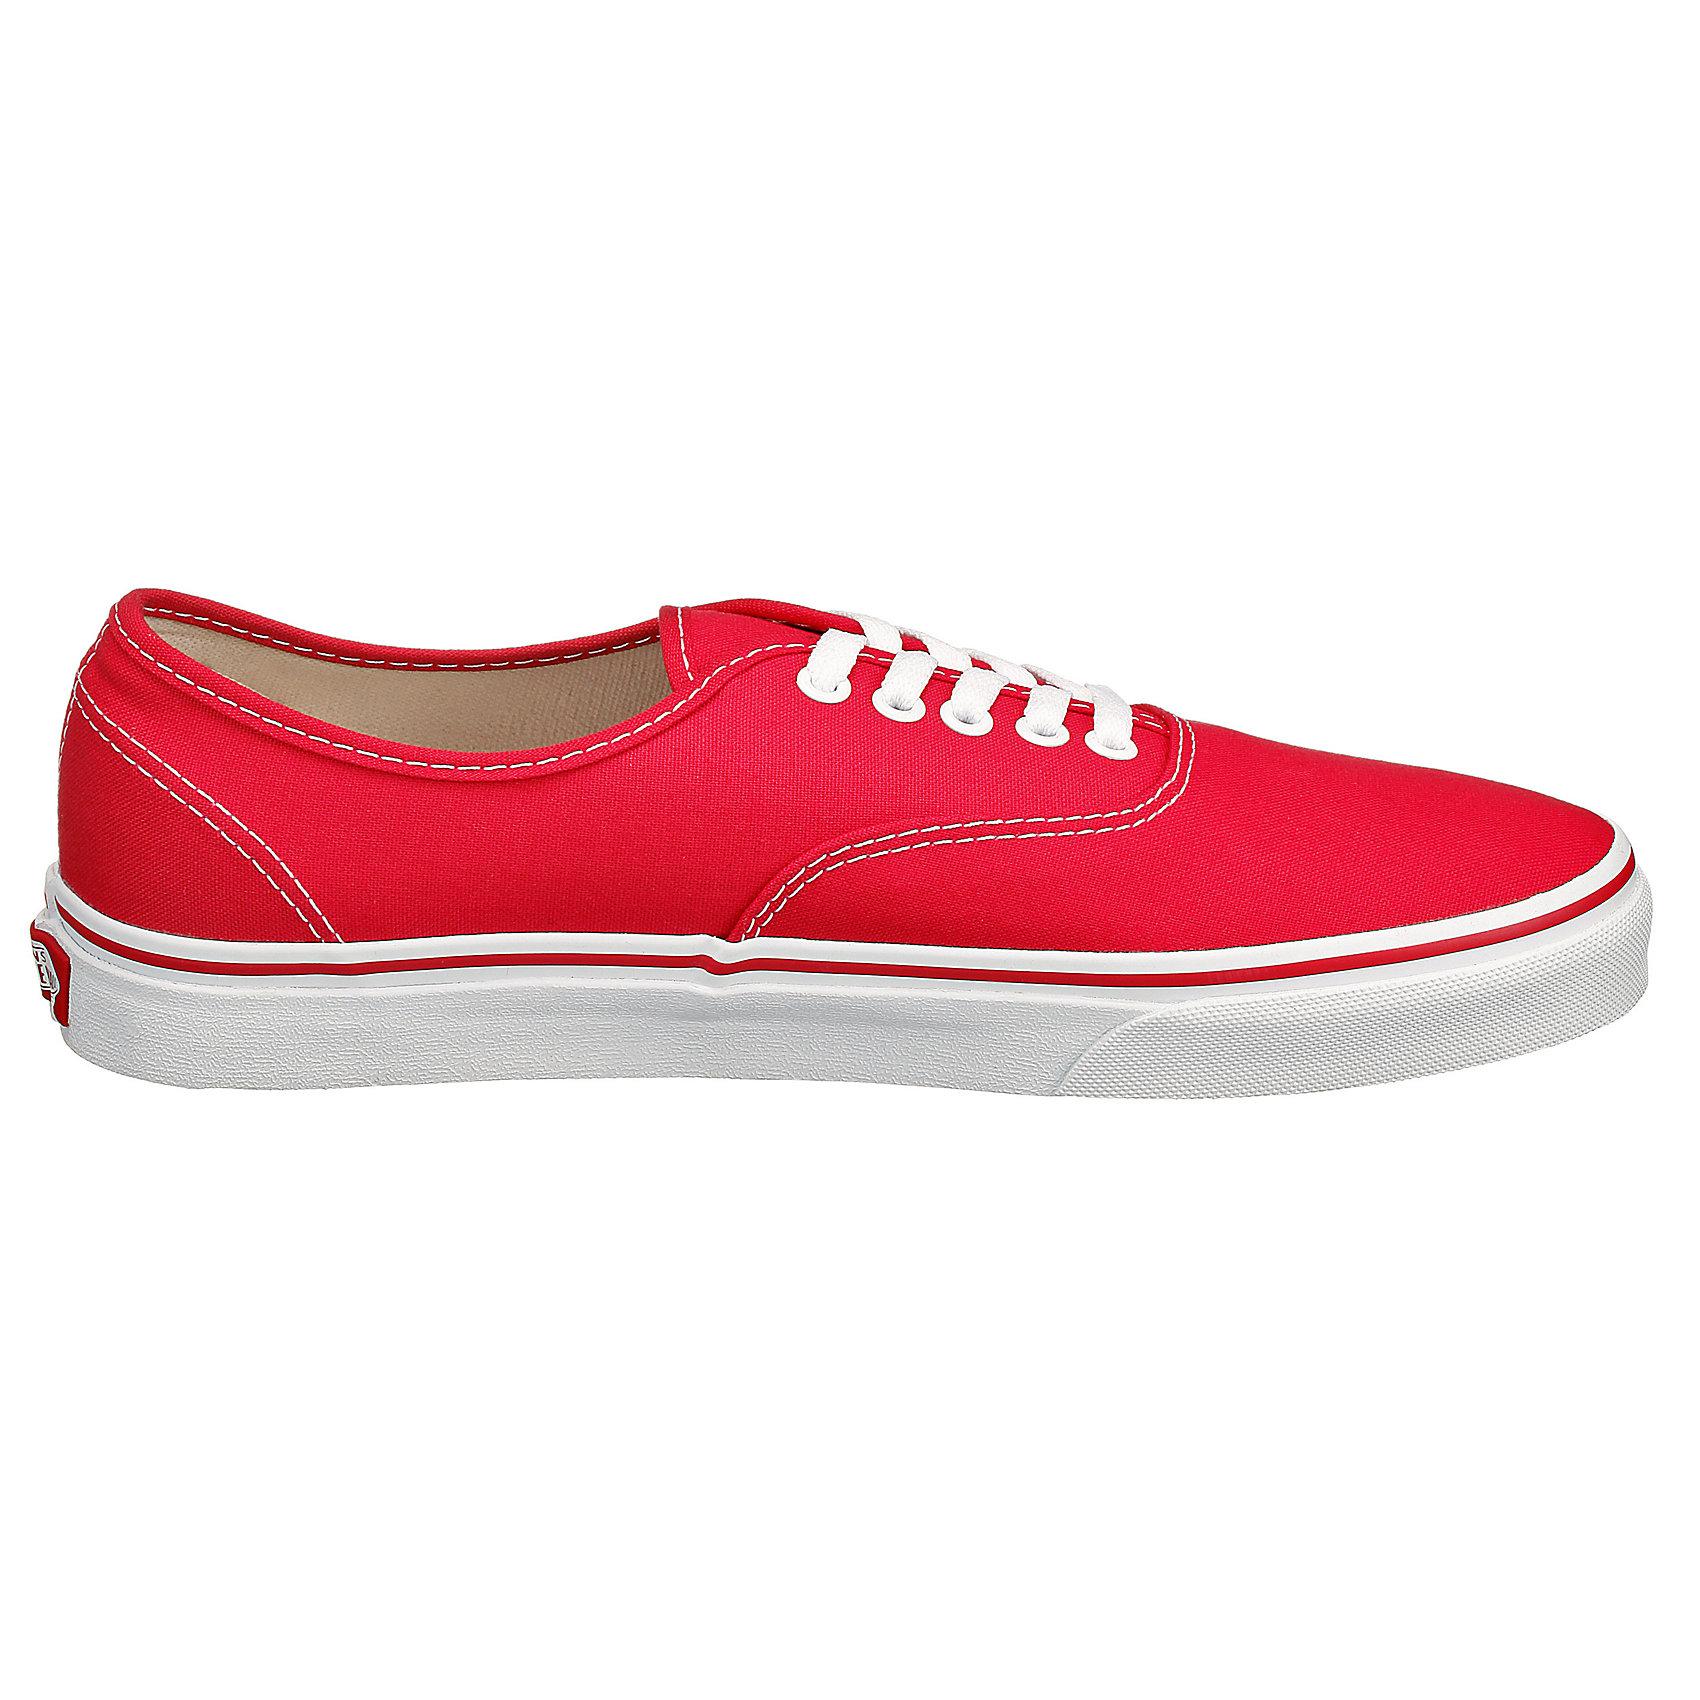 Neu für VANS Authentic Sneakers 5710157 für Neu Herren und Damen 64b915